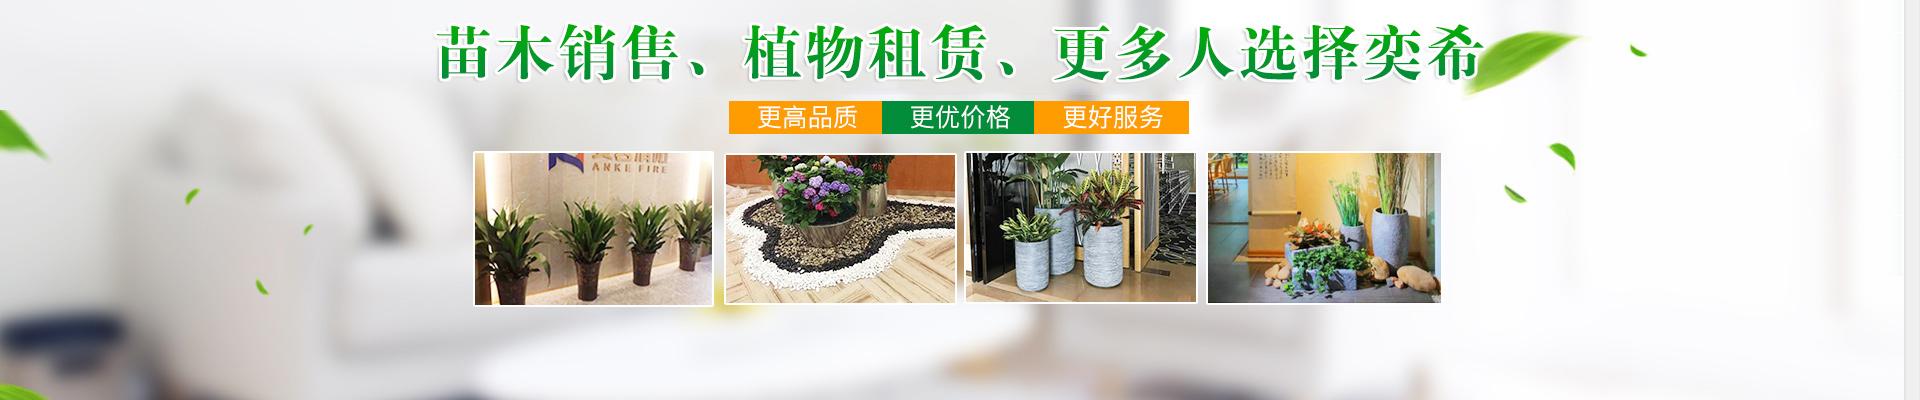 湖南奕希花卉园林有限责任公司_长沙花卉租赁|专业花卉租赁企业|盆栽花木销售|室外园林绿化